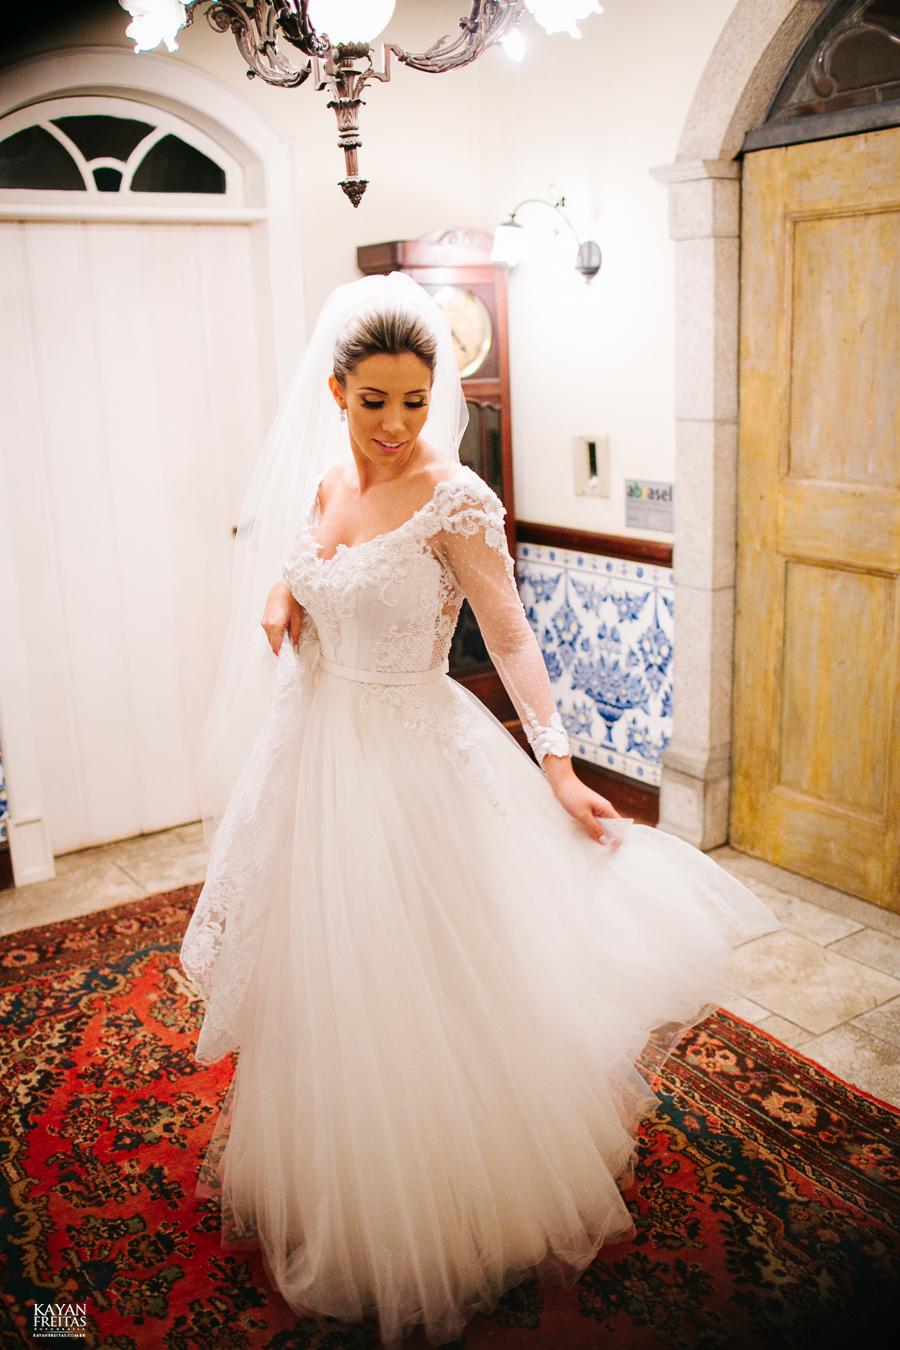 casamento-alamedacasarosa-dani-gabi-0051 Casamento Gabriela e Daniel - Alameda Casa Rosa - Florianópolis